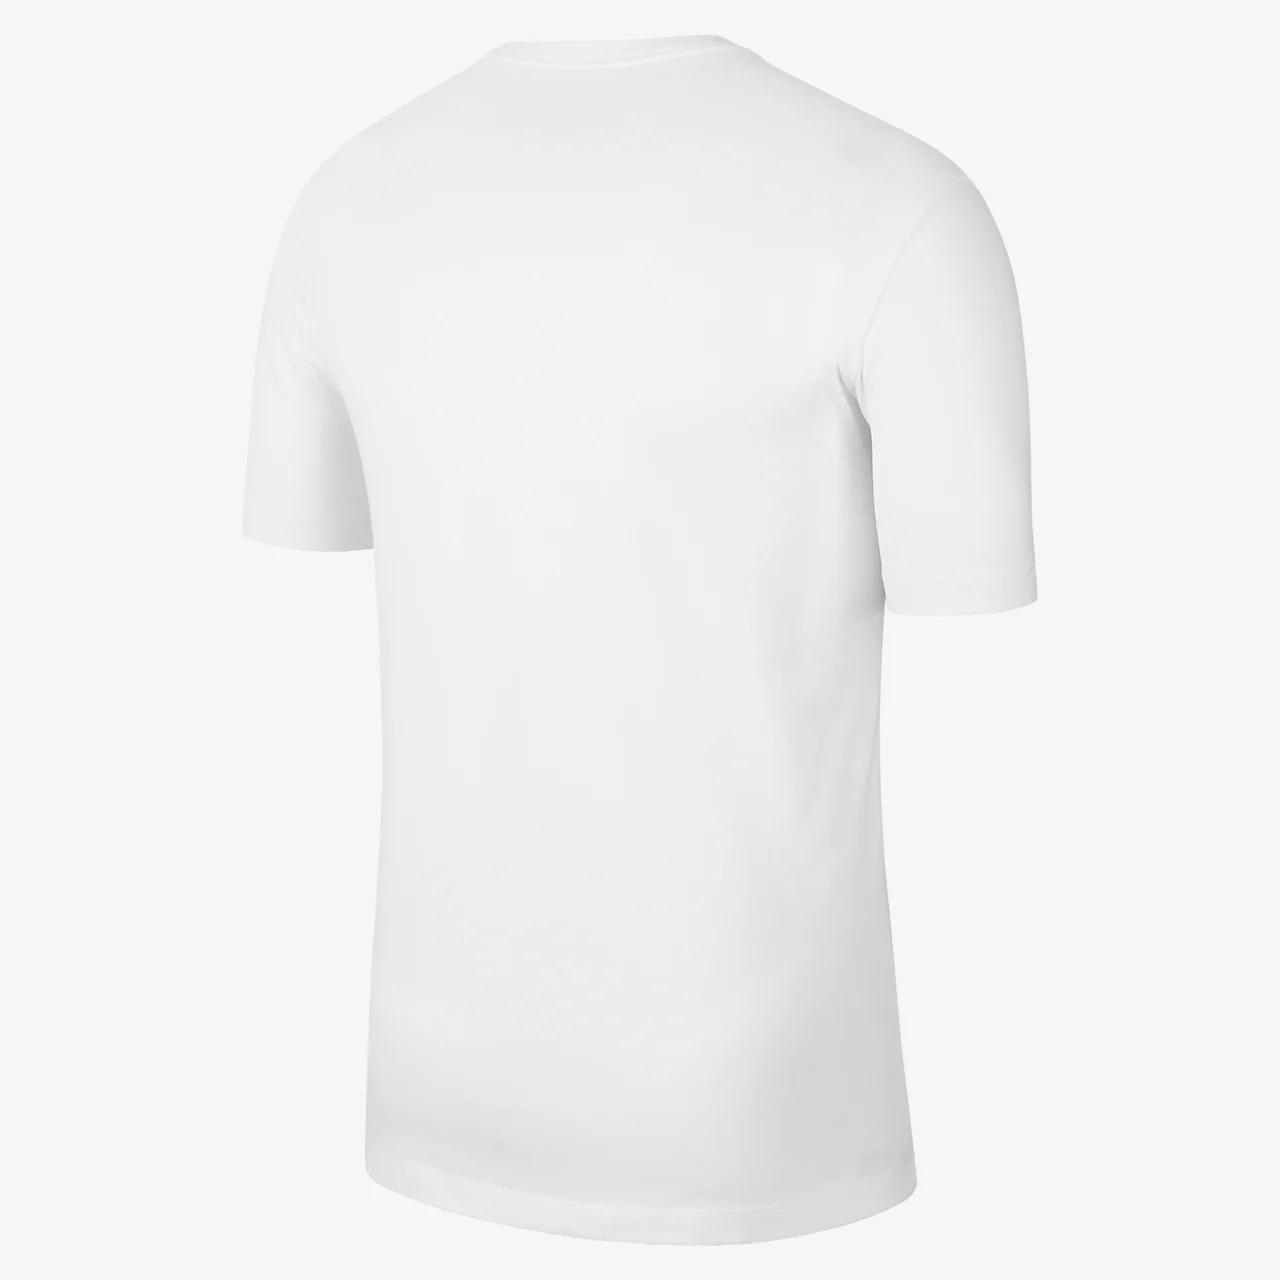 나이키 드라이핏 레이닝 버킷 남자 농구 티셔츠 CV1069-100